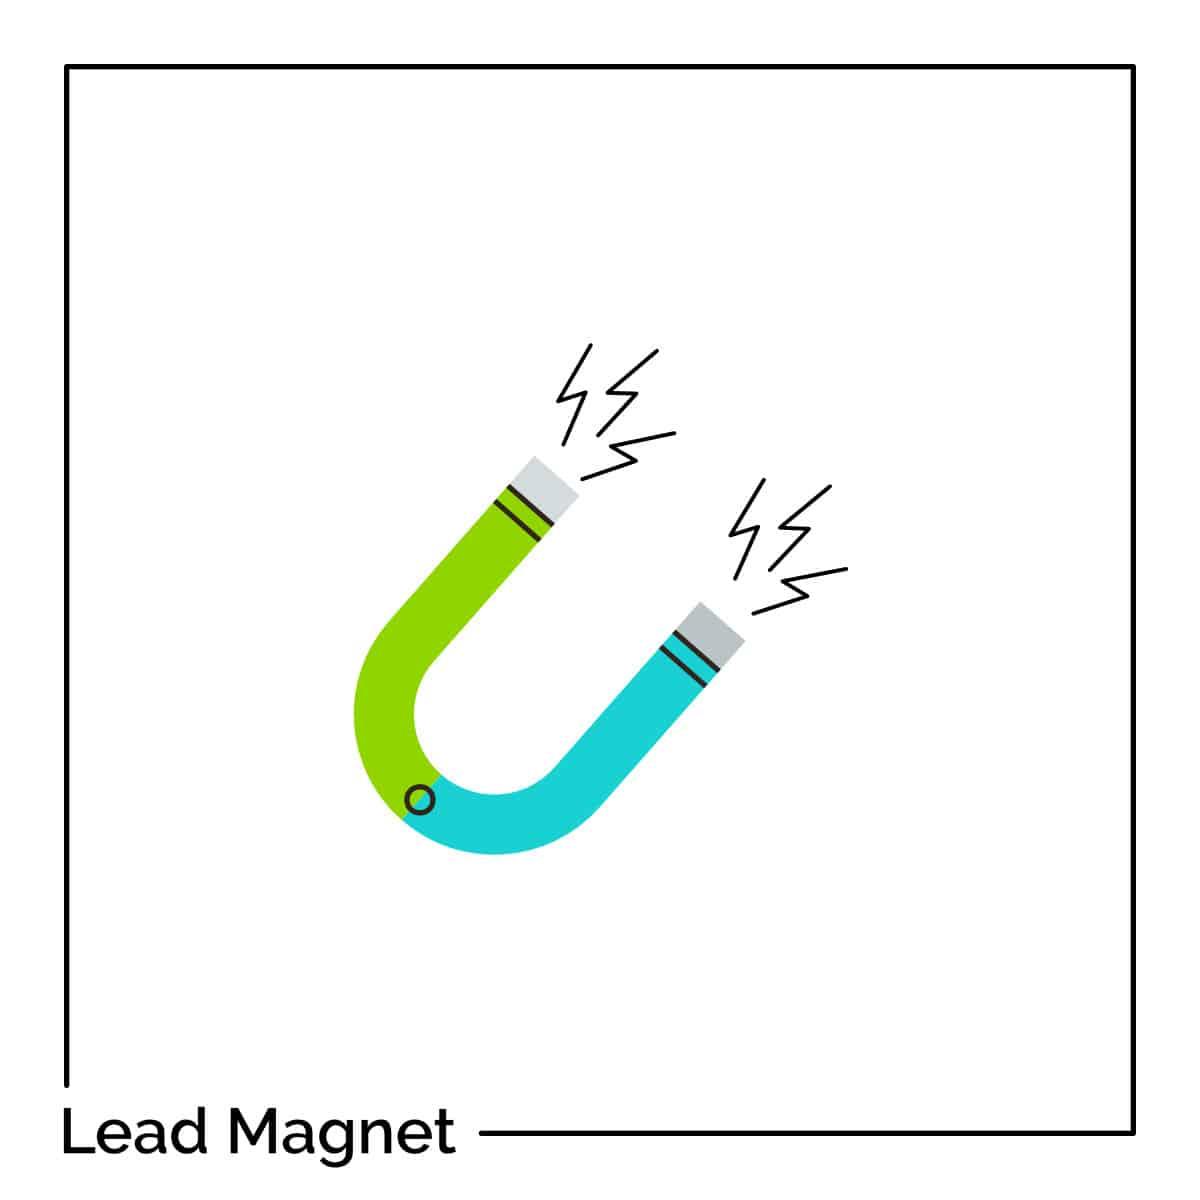 Lead Magnet & Freebies : 24 idées infaillibles pour augmenter sa liste d'abonnés